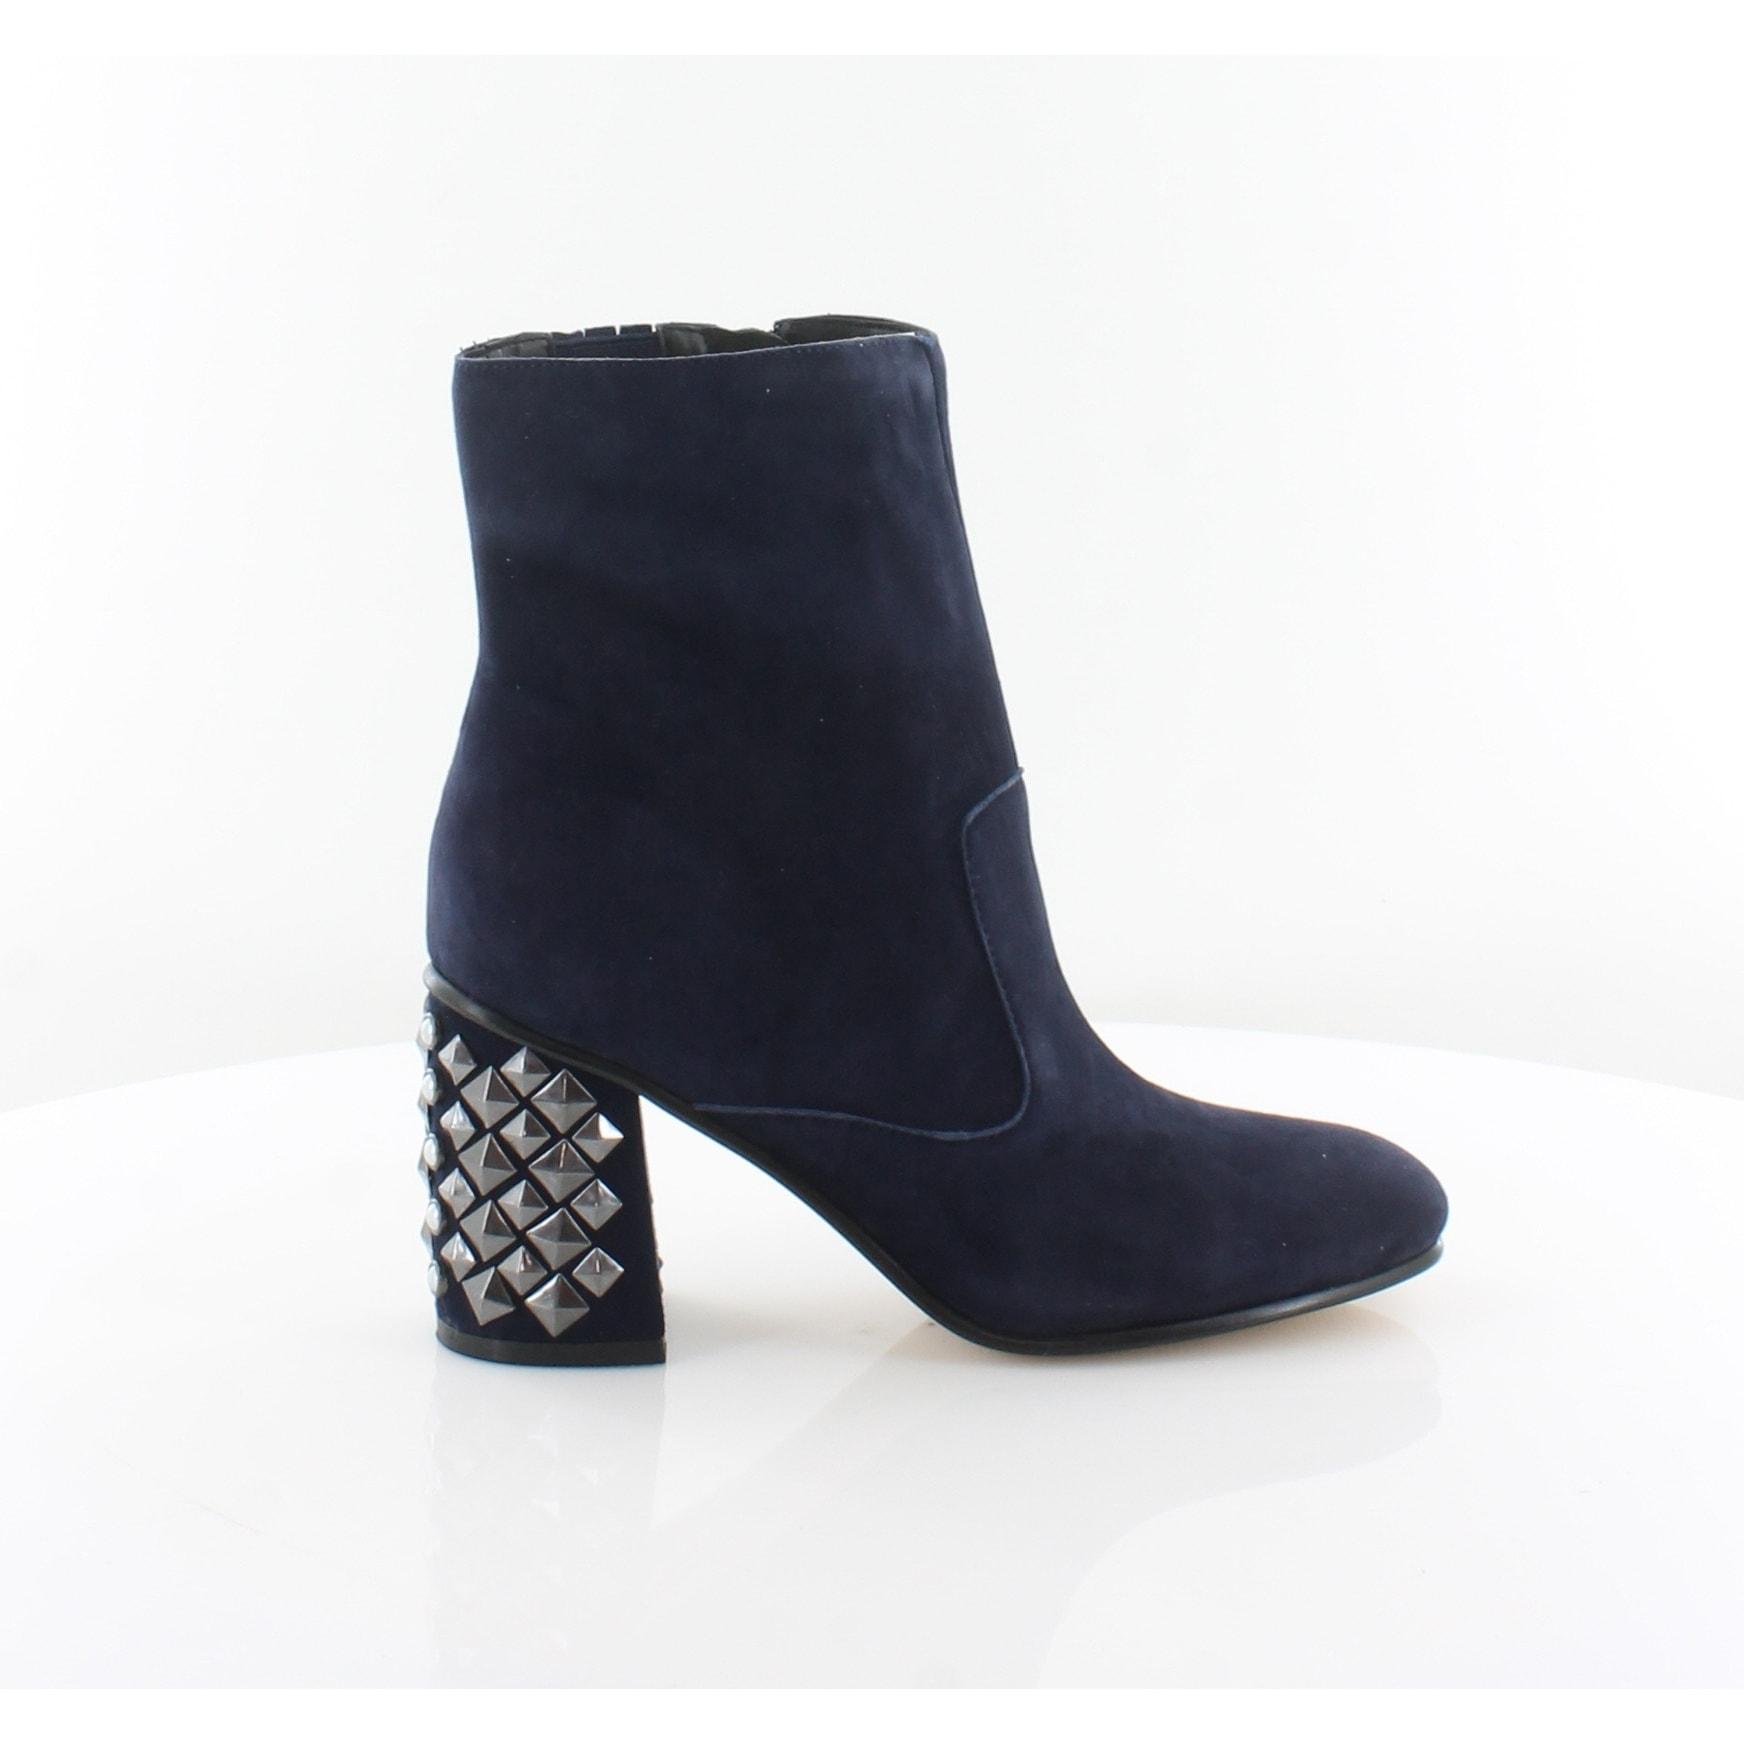 Guess Madeup Women's Boots Dark Blue